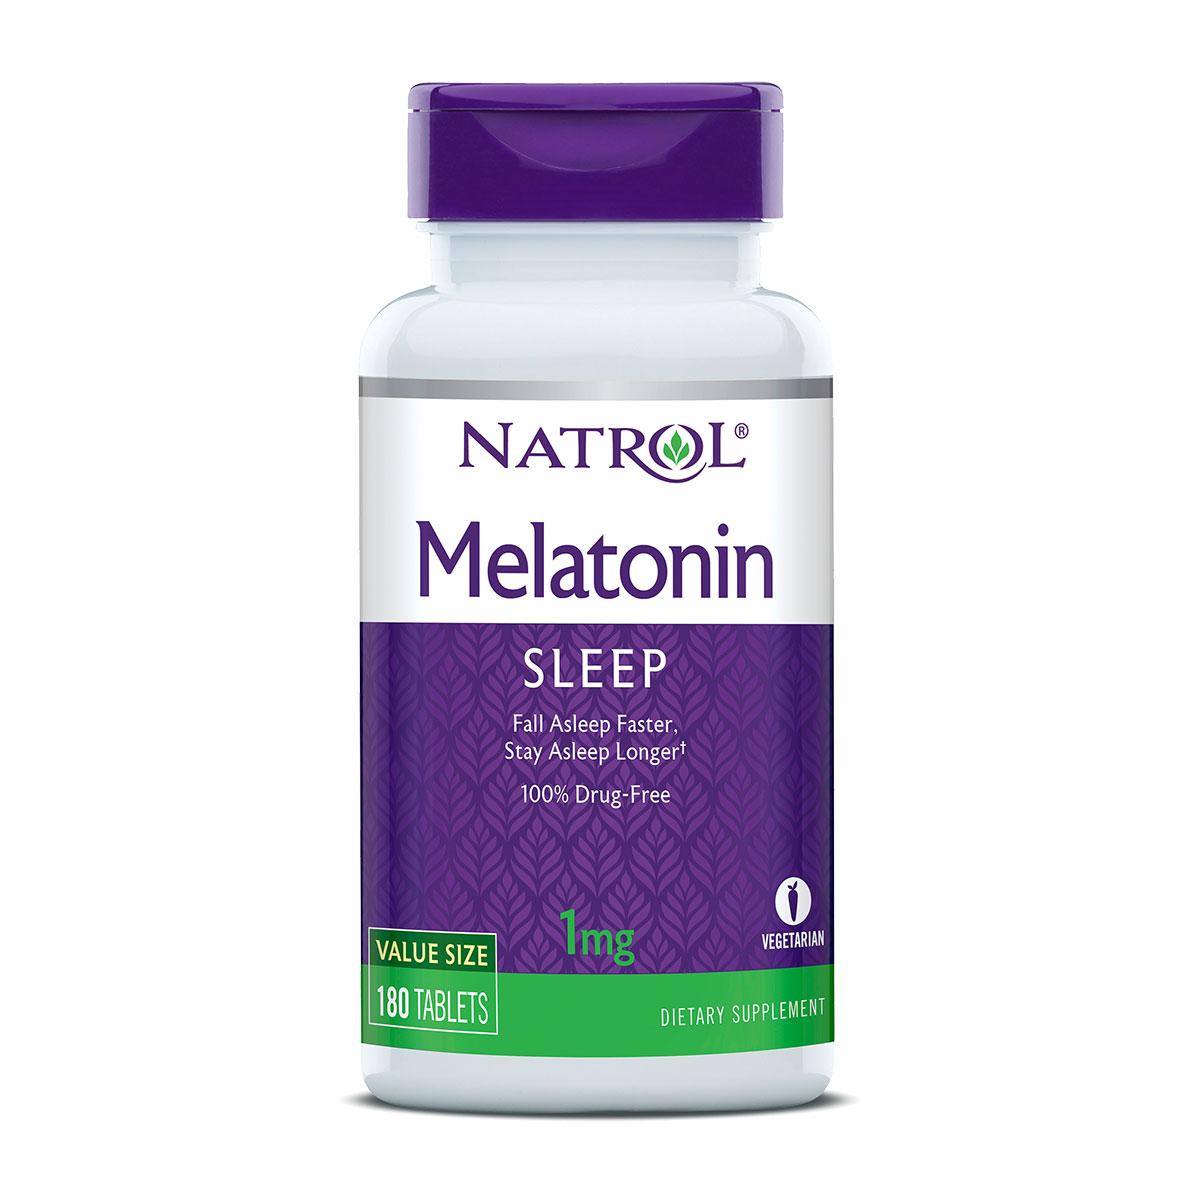 Natrol Melatonin 180 tablets